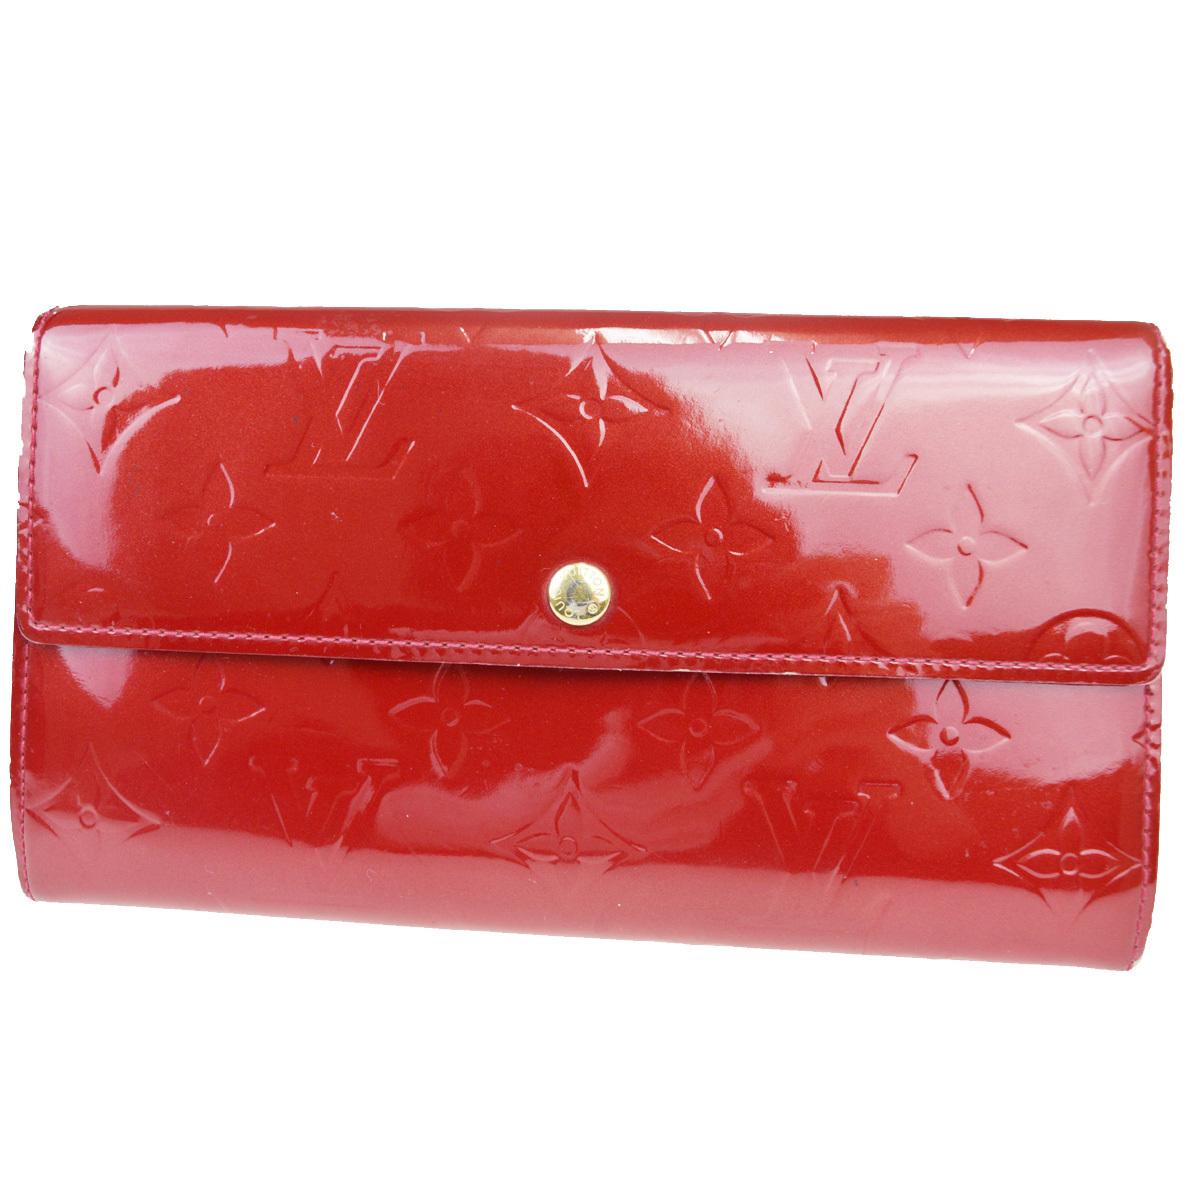 【中古】 ルイ・ヴィトン(Louis Vuitton) モノグラムヴェルニ ポルト モネ クレディ M91983 パテントレザー 長財布(二つ折り) ポムダムール 07FB107